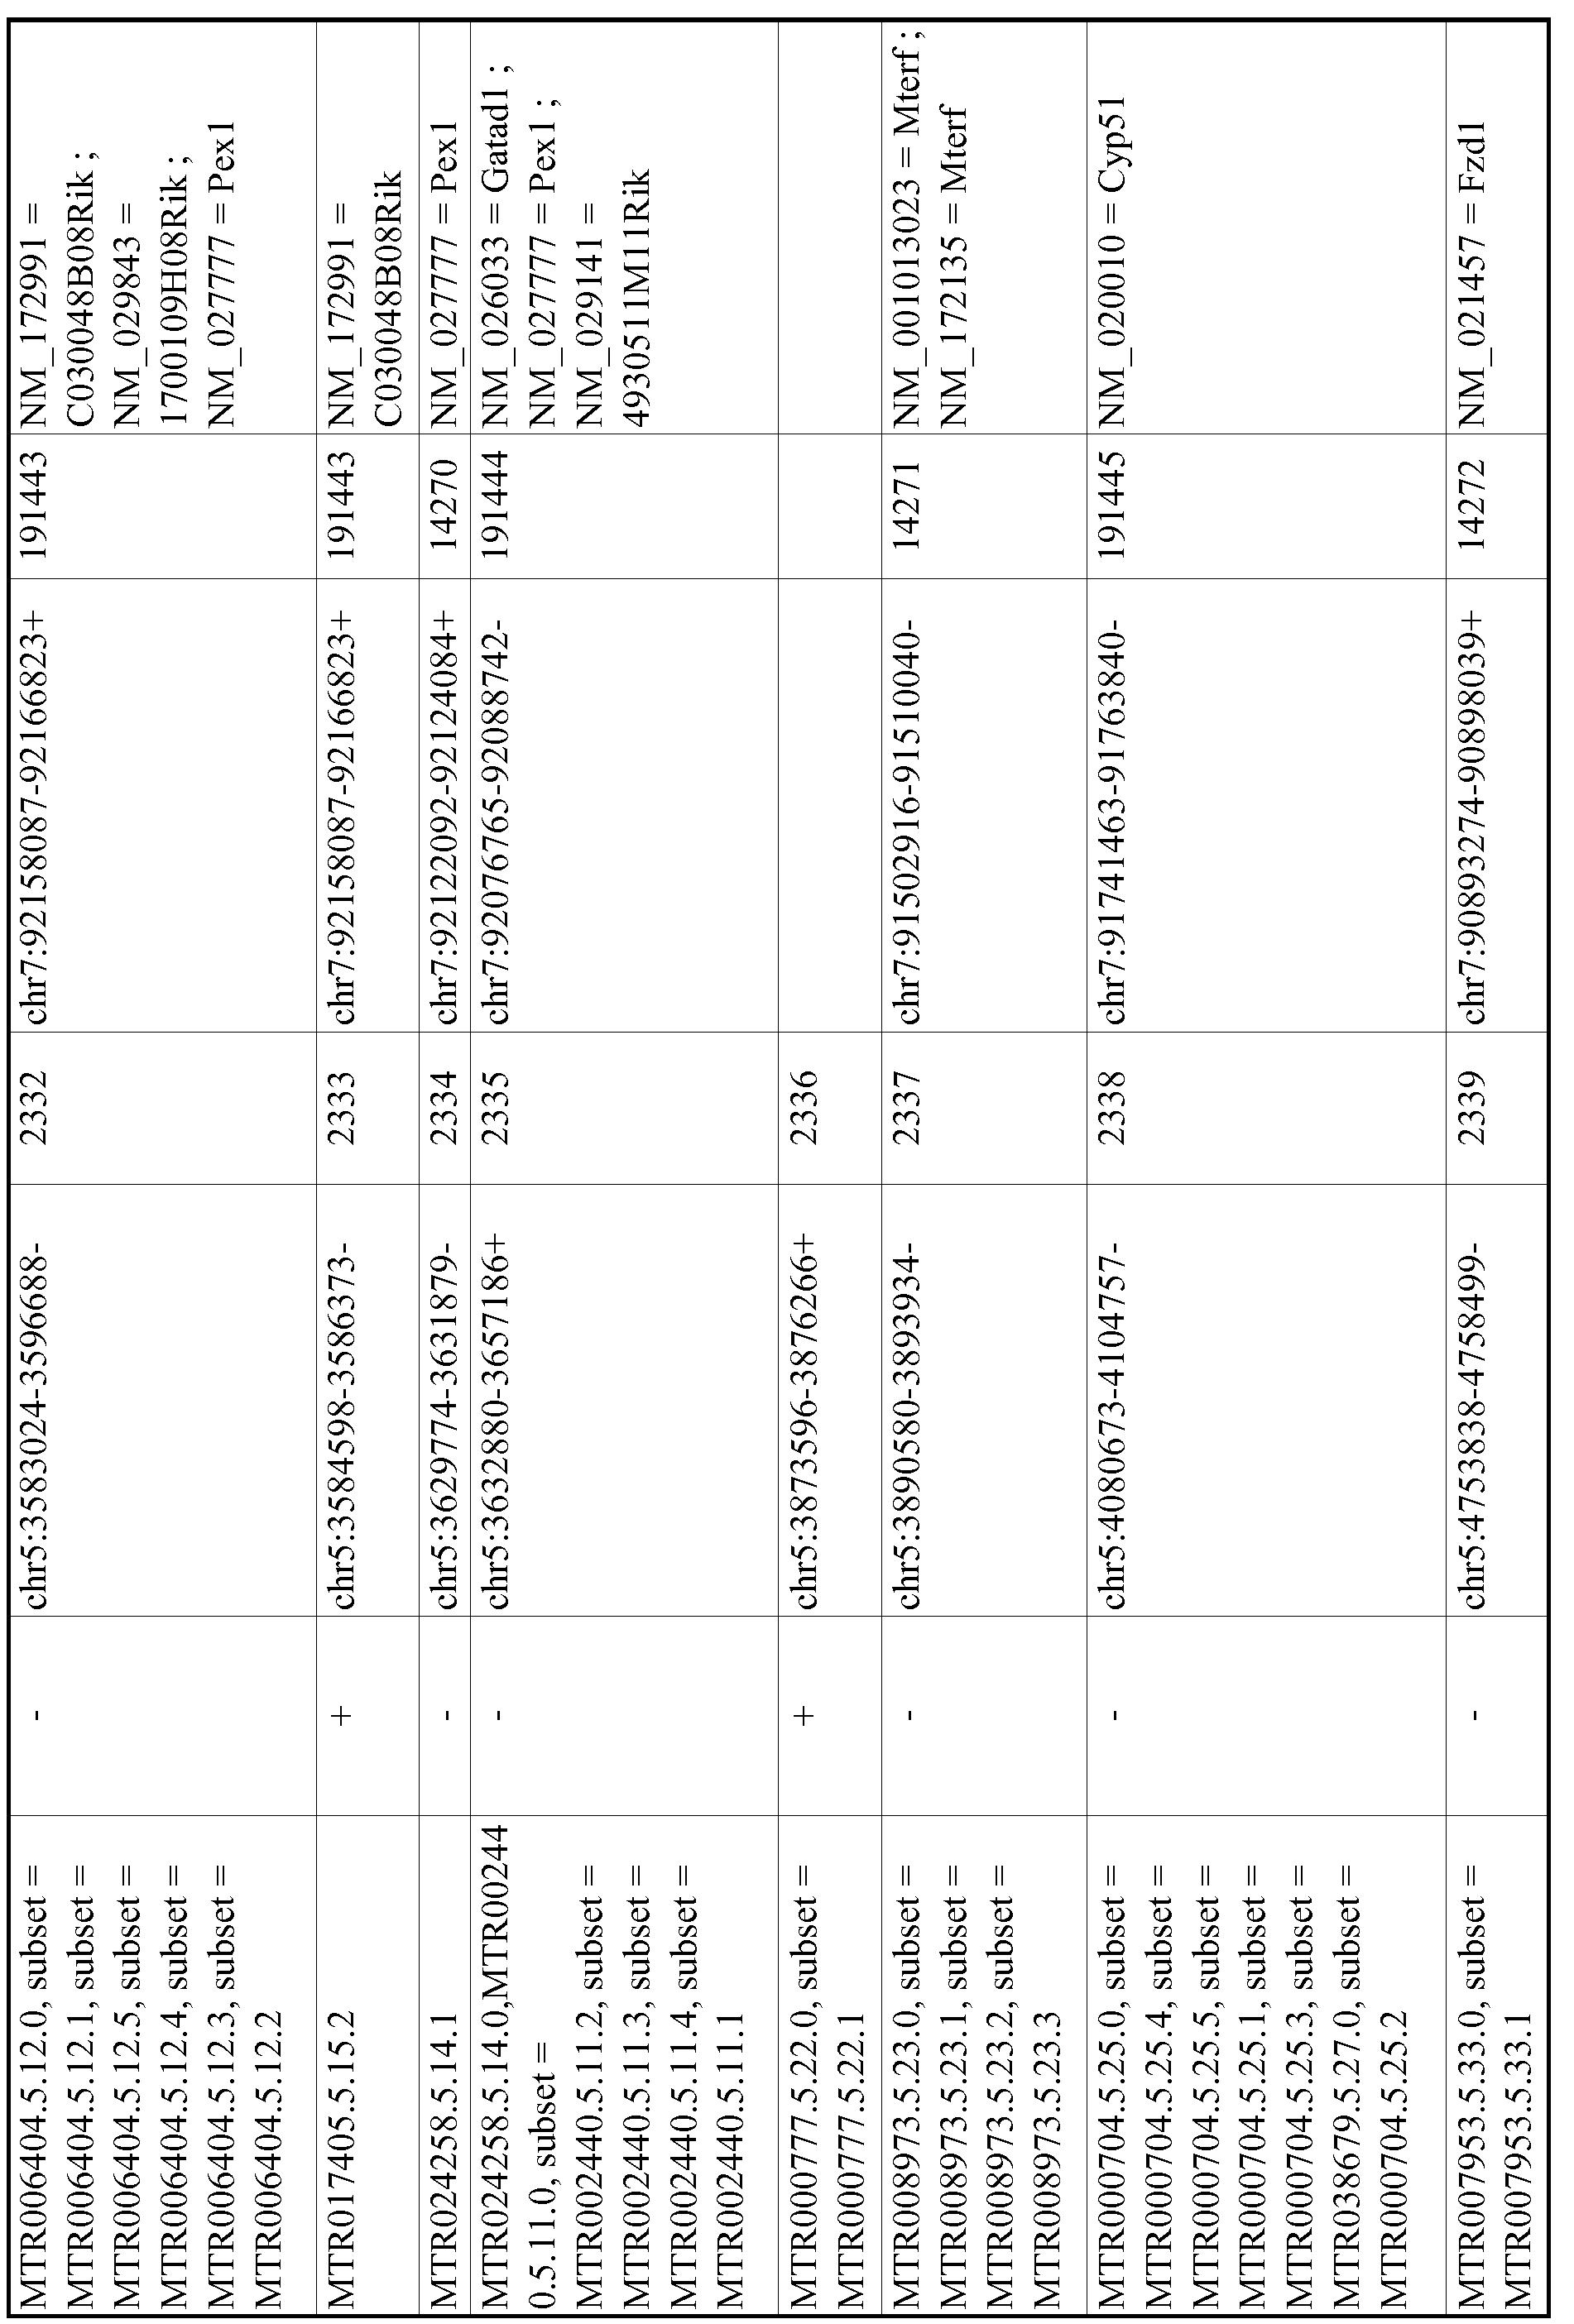 Figure imgf000512_0001